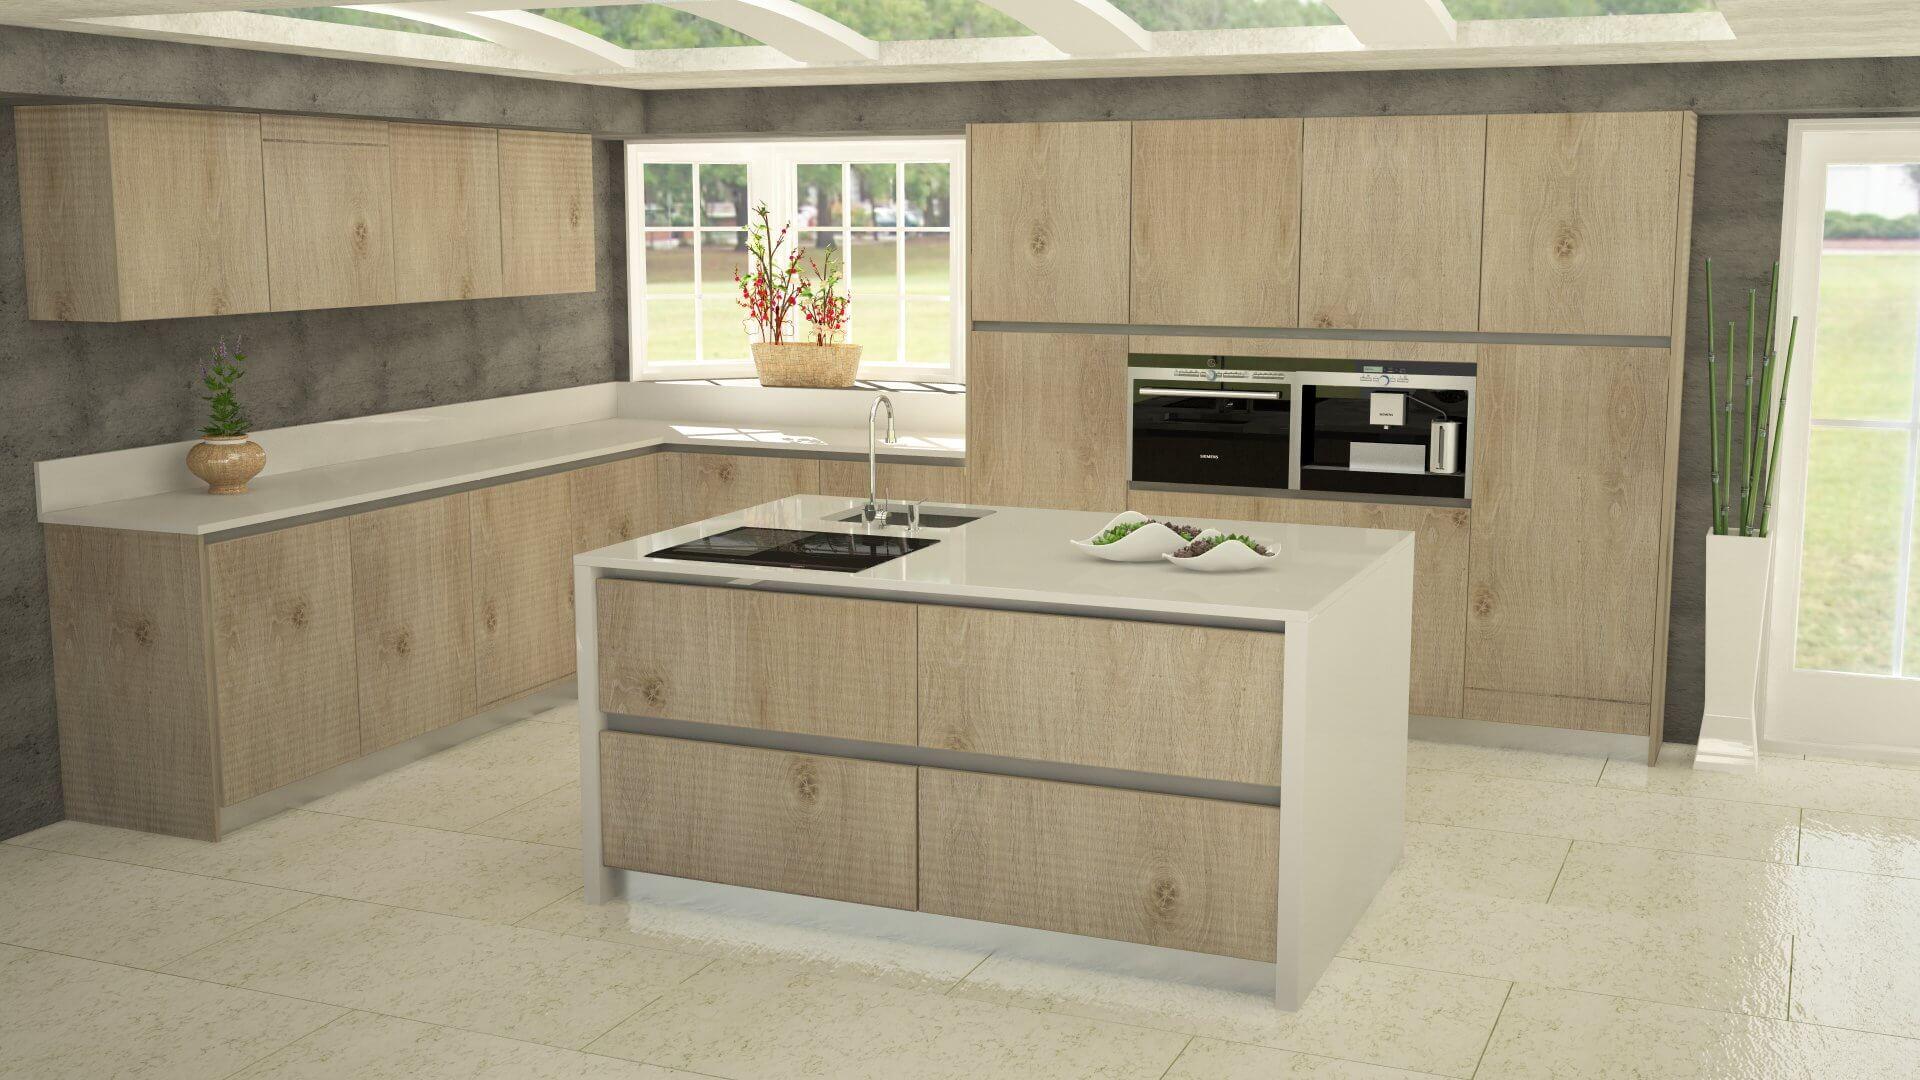 Mueble Para La Cocina   Orden En La Cocina: Consejos Y ...